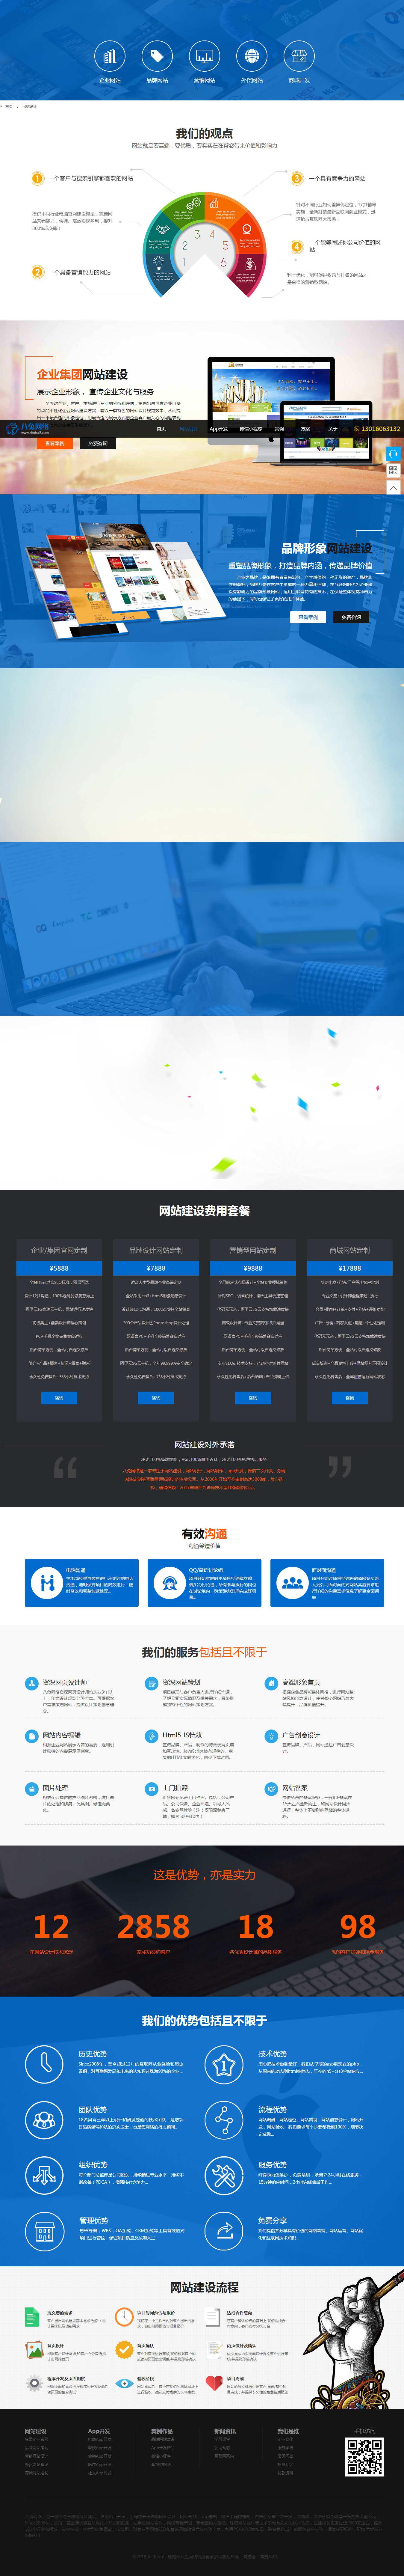 网络工作室网站源码